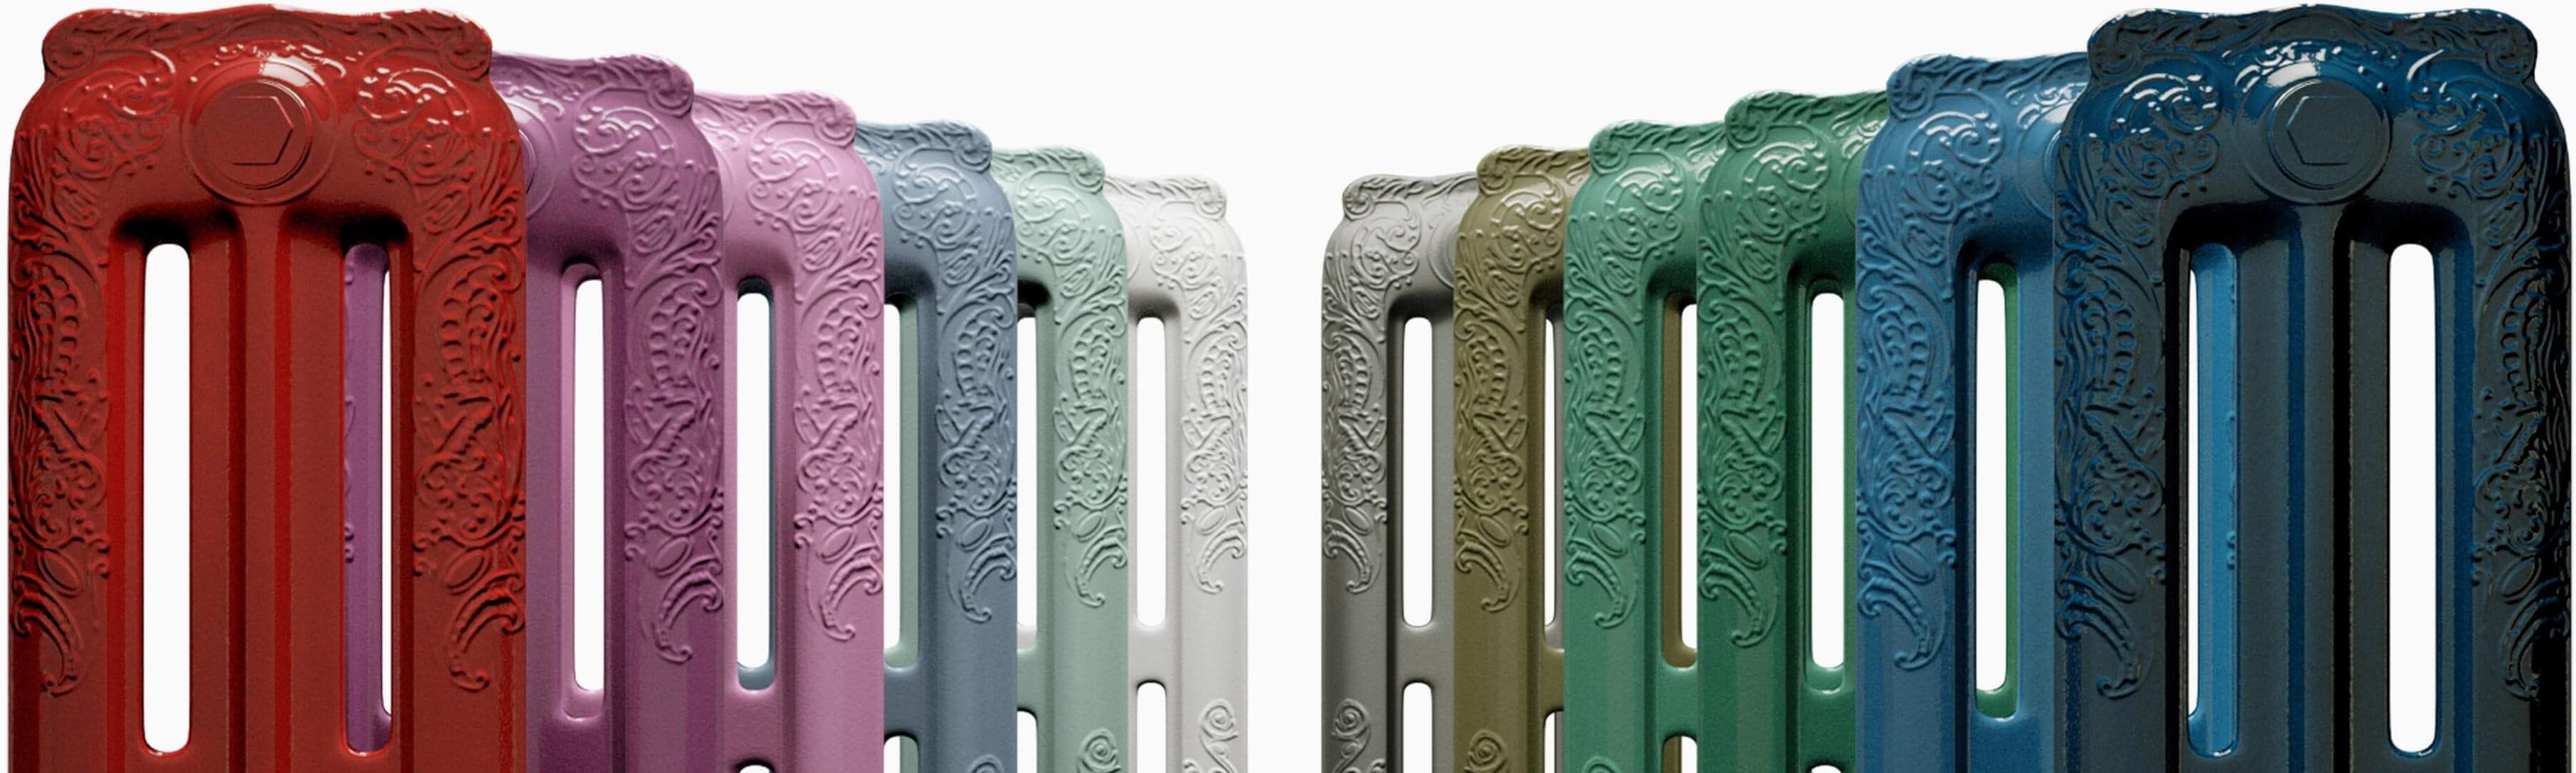 Habimat calore e colore termosifoni che si credono for Scirocco termosifoni